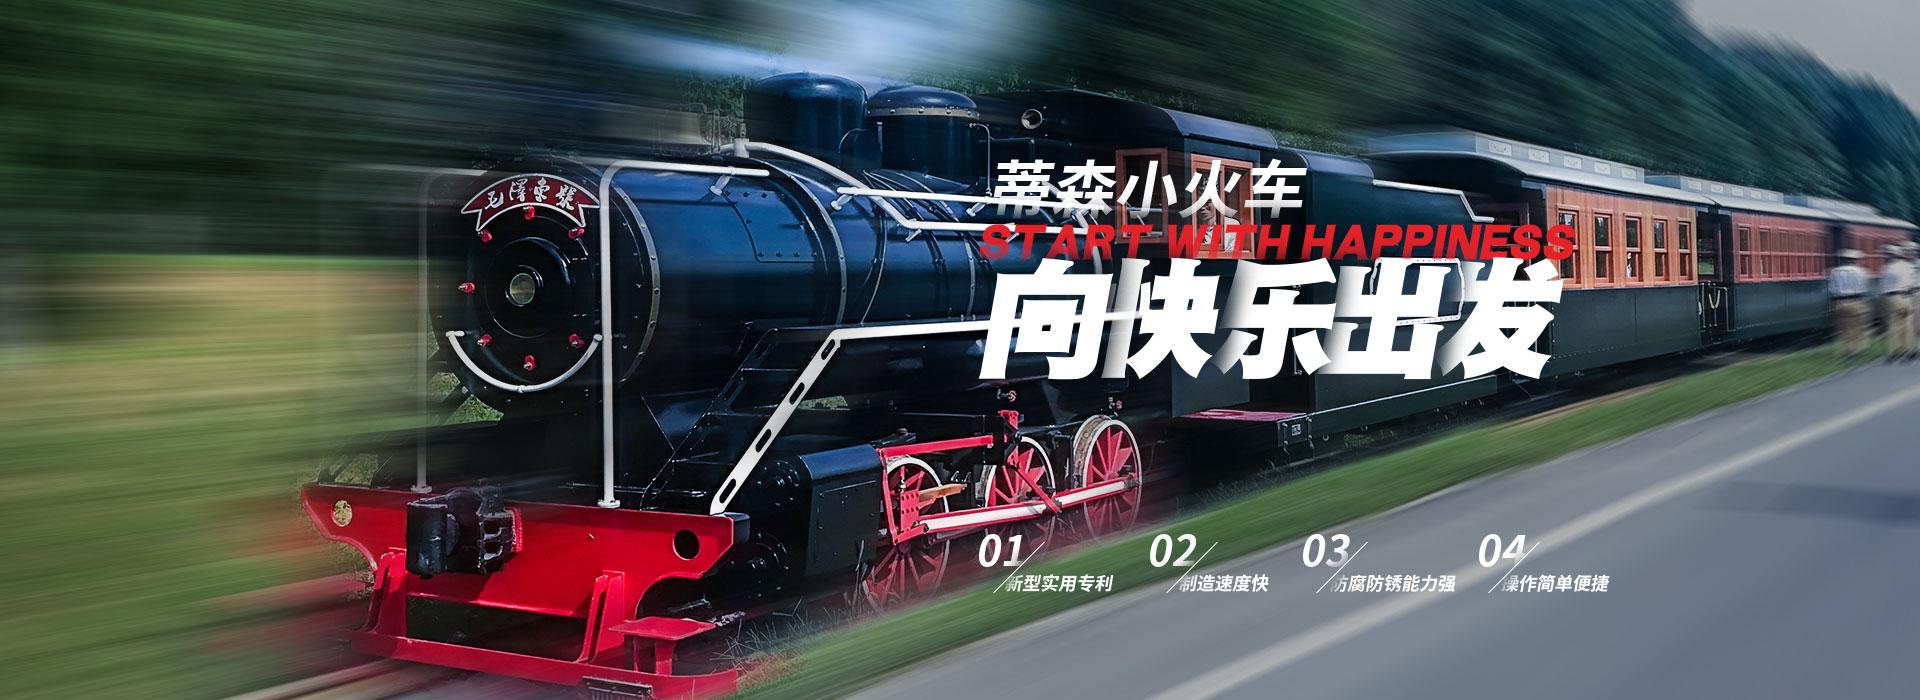 蒂森小火车,向快乐出发